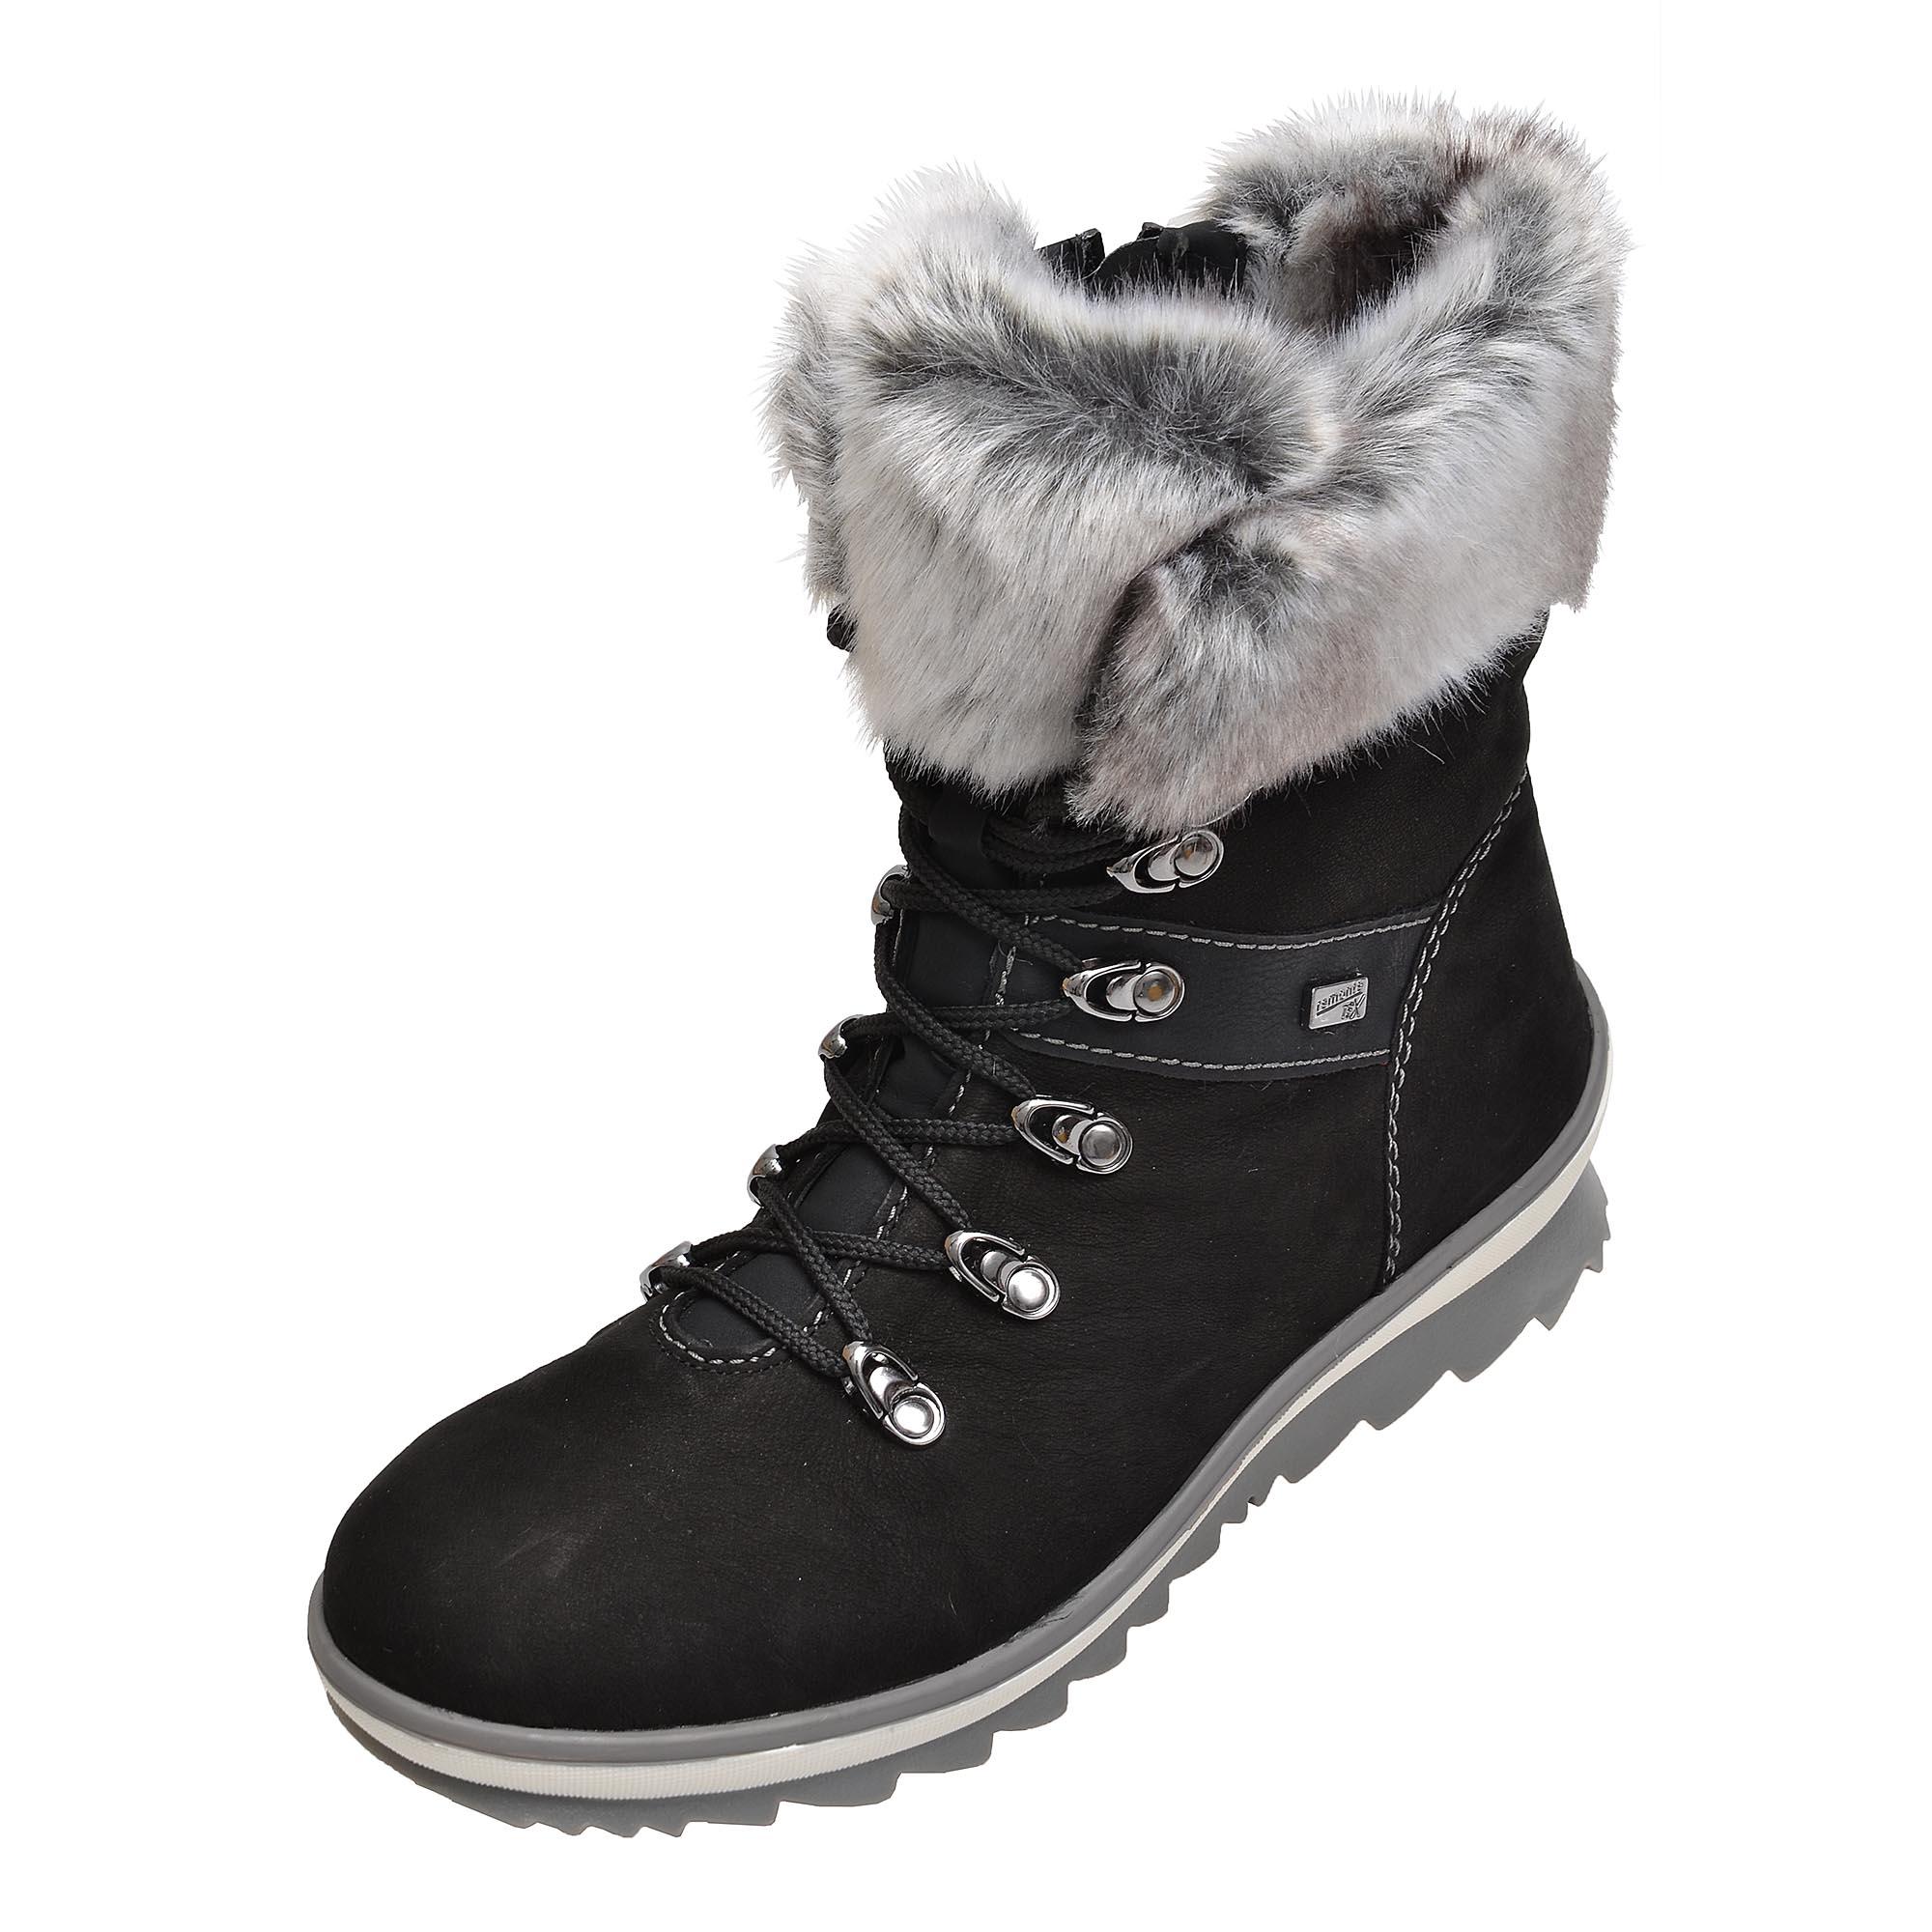 e1ffee94d7ef detail Dámska obuv RIEKER - REMONTE br R4382 02 SCHWARZ KOMBI H